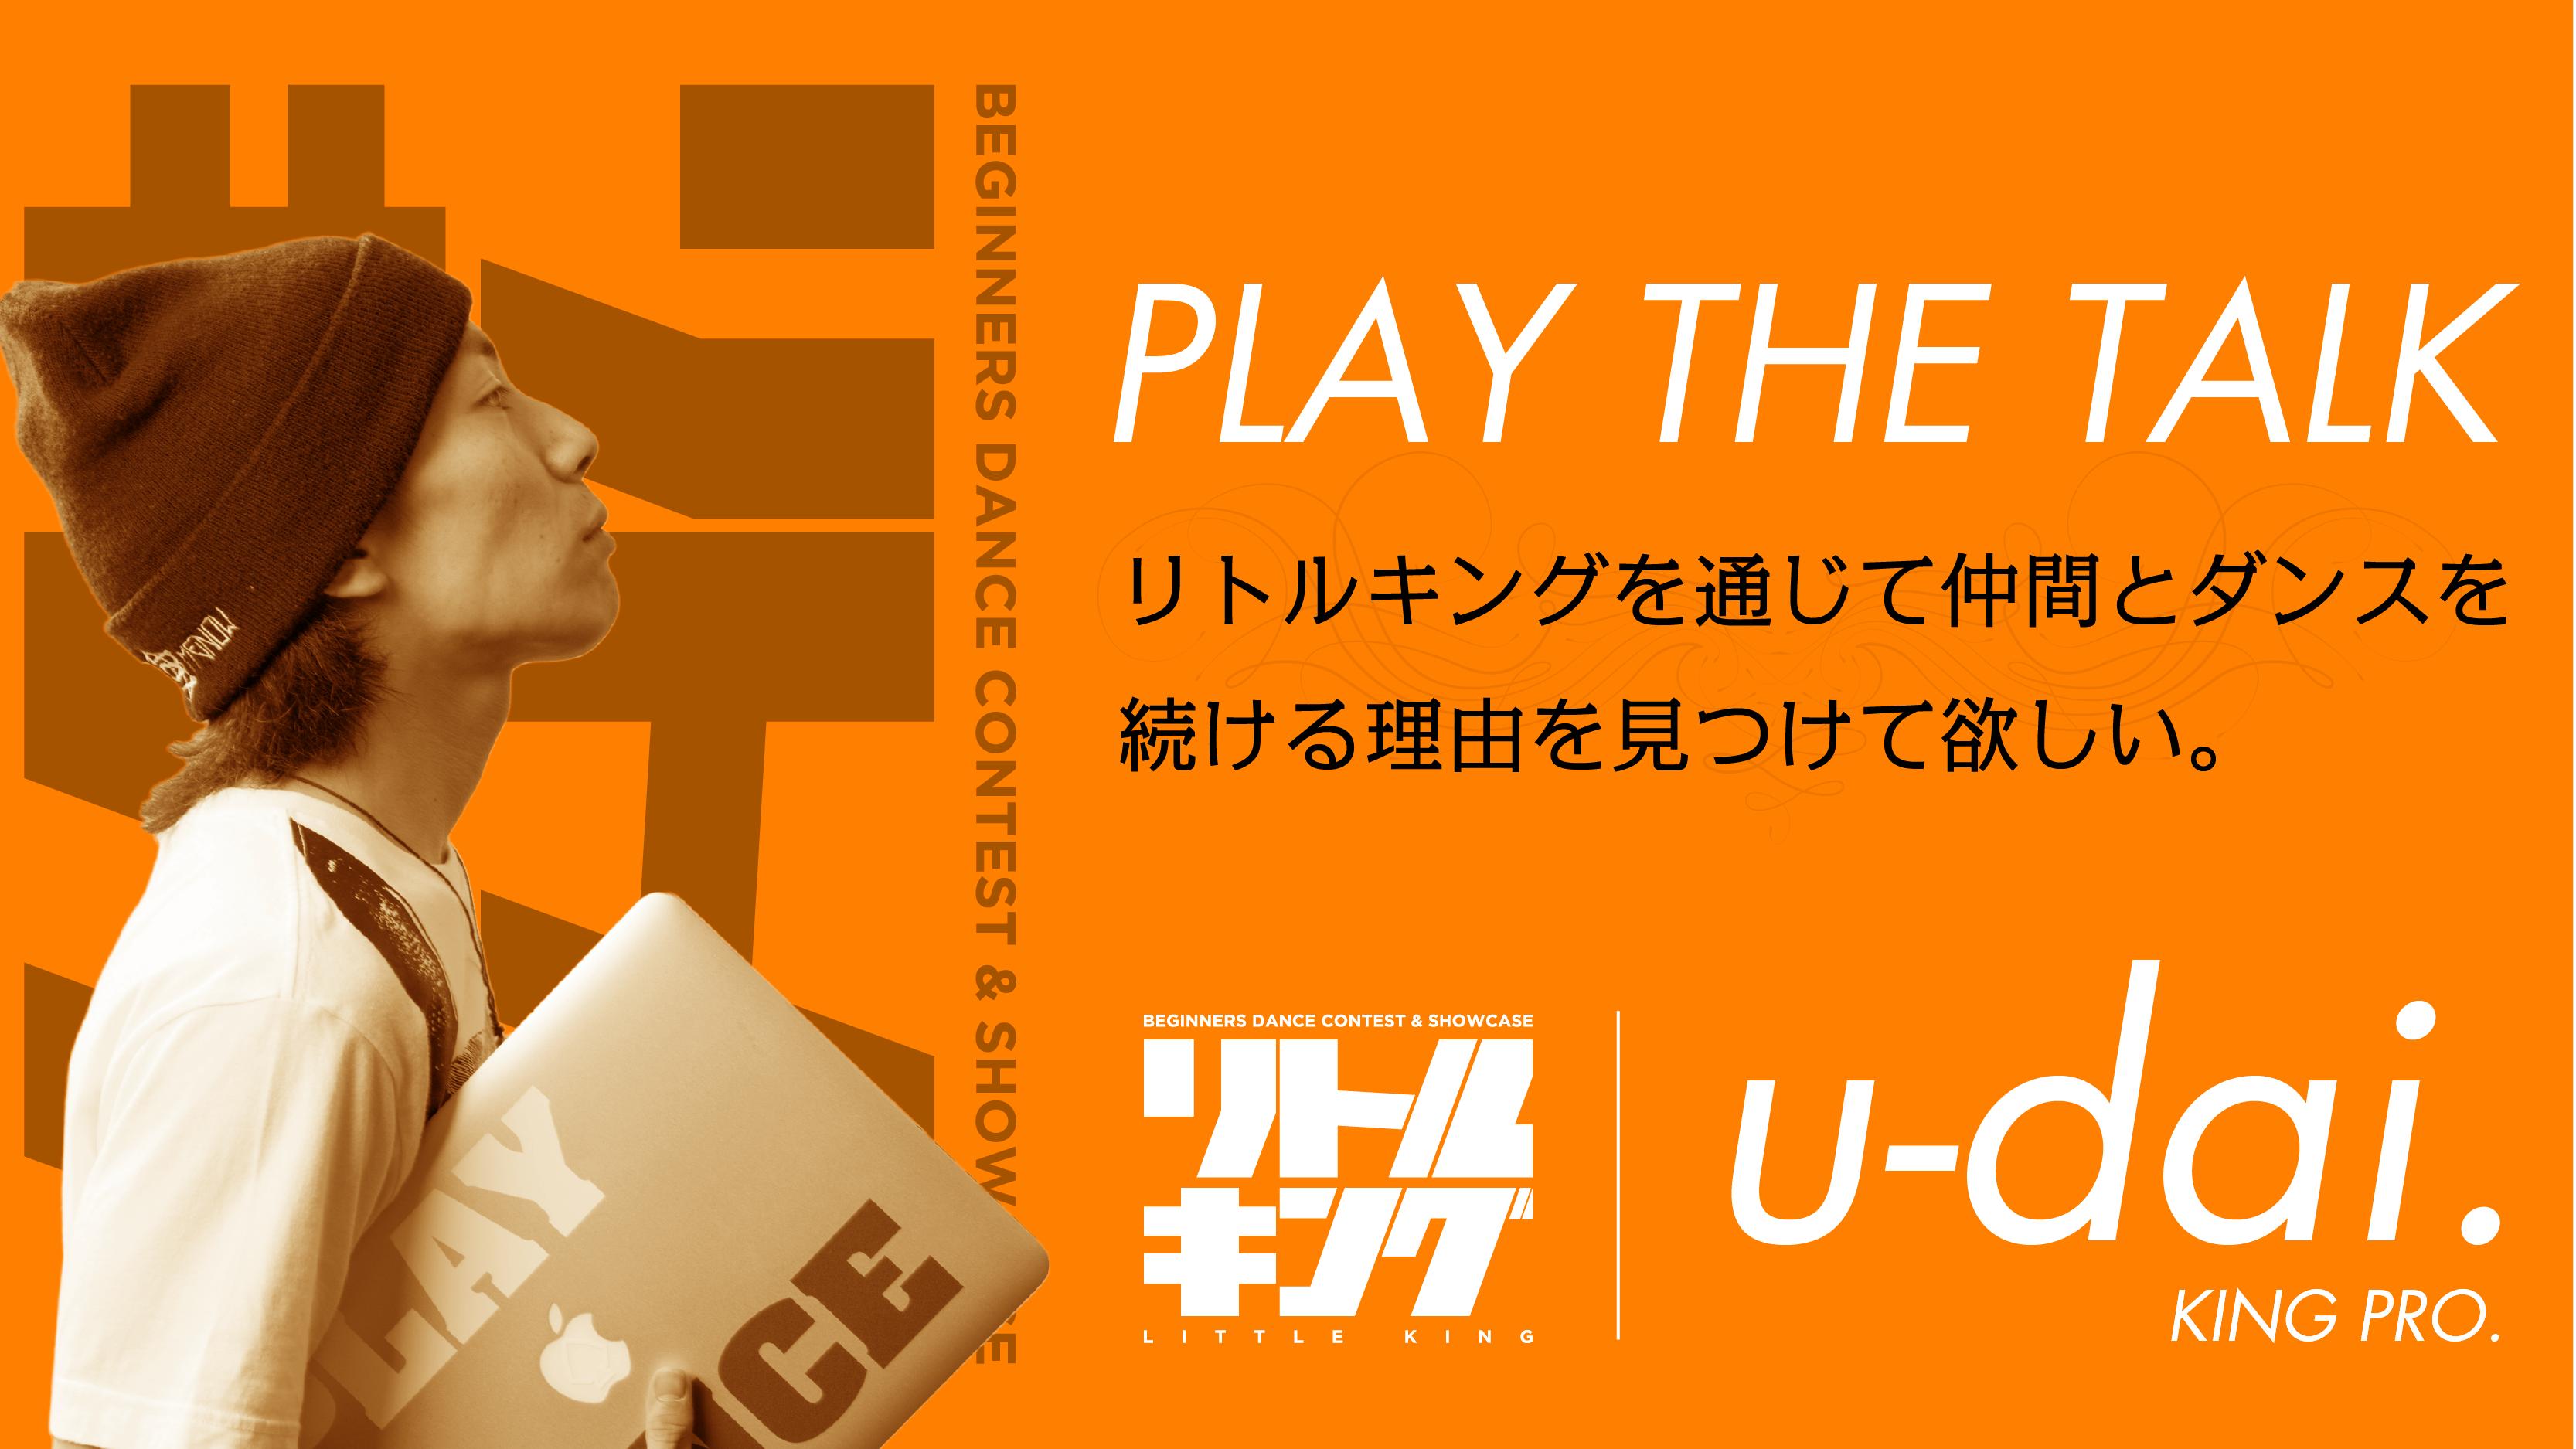 PLAY THE TALK 〜リトルキング×u-dai.~